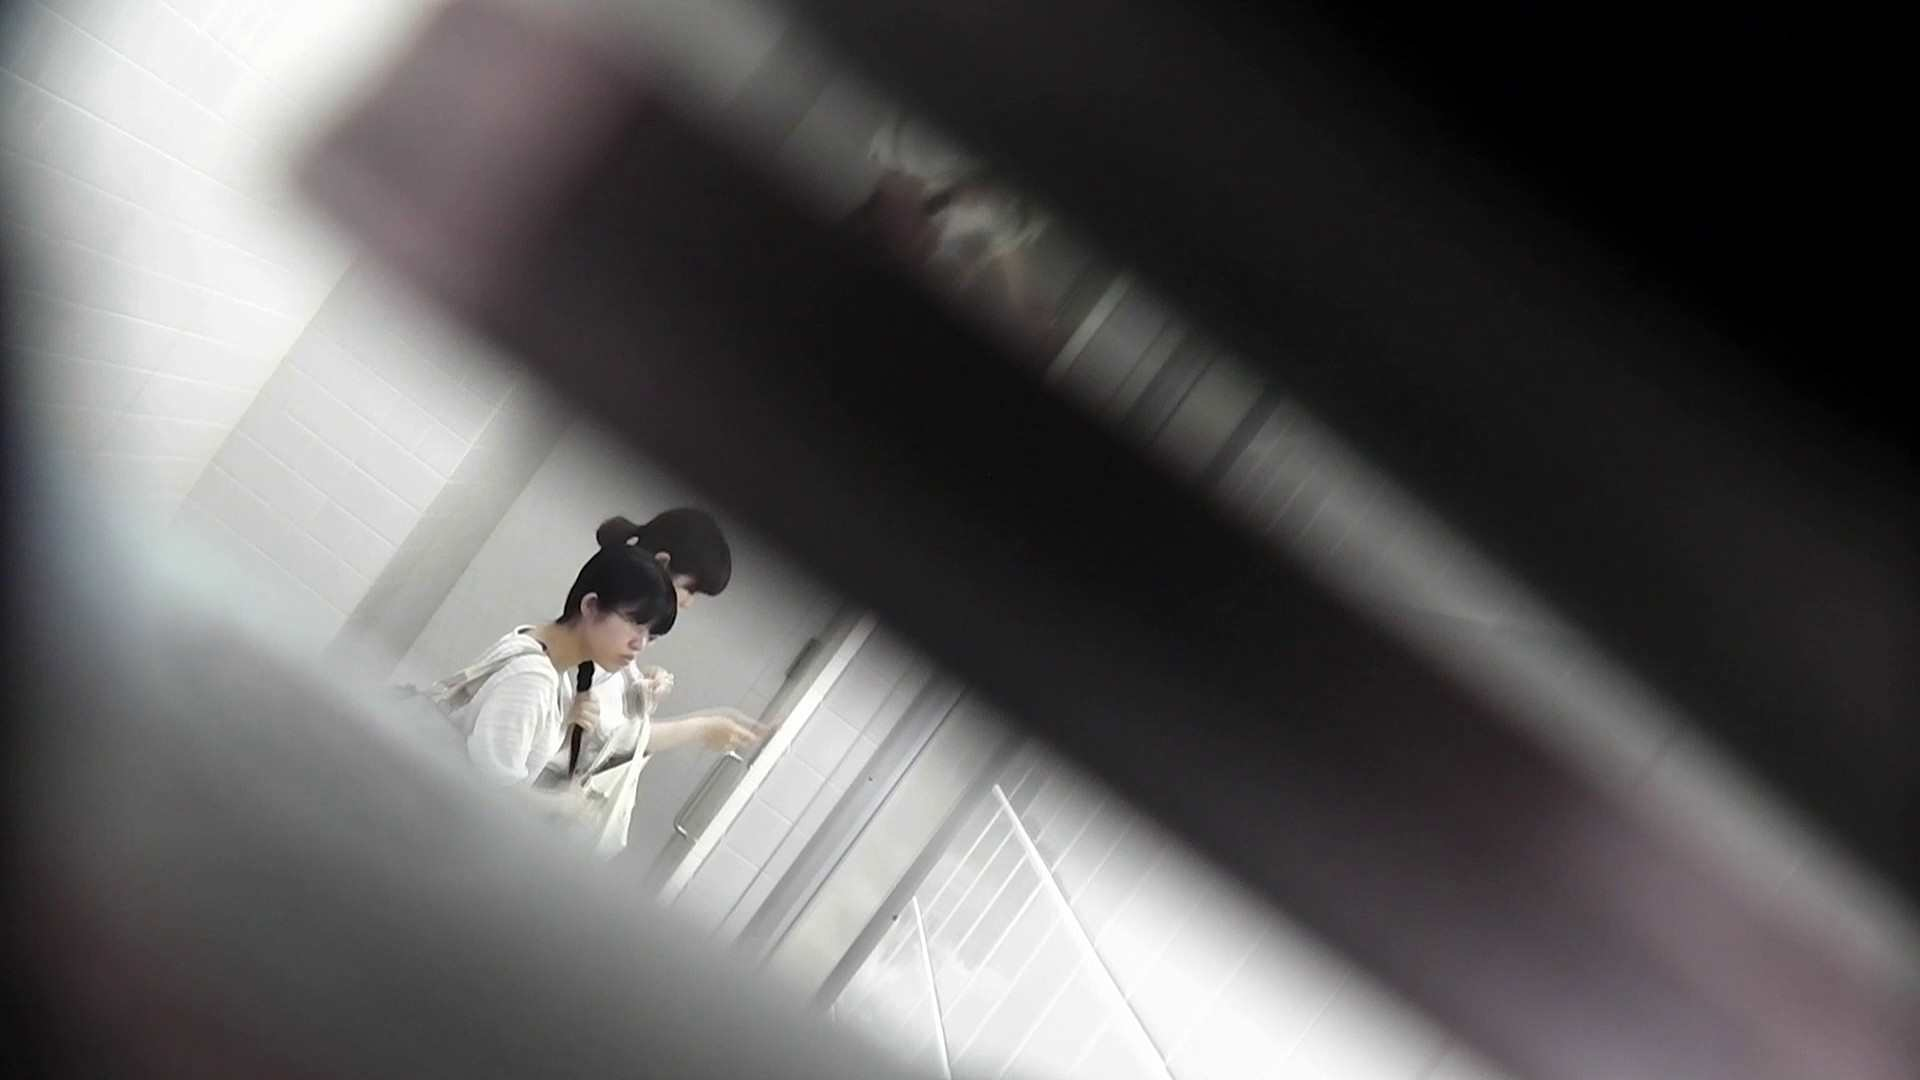 お銀 vol.72 あのかわいい子がついフロント撮り実演 洗面所 | 美人  23pic 1